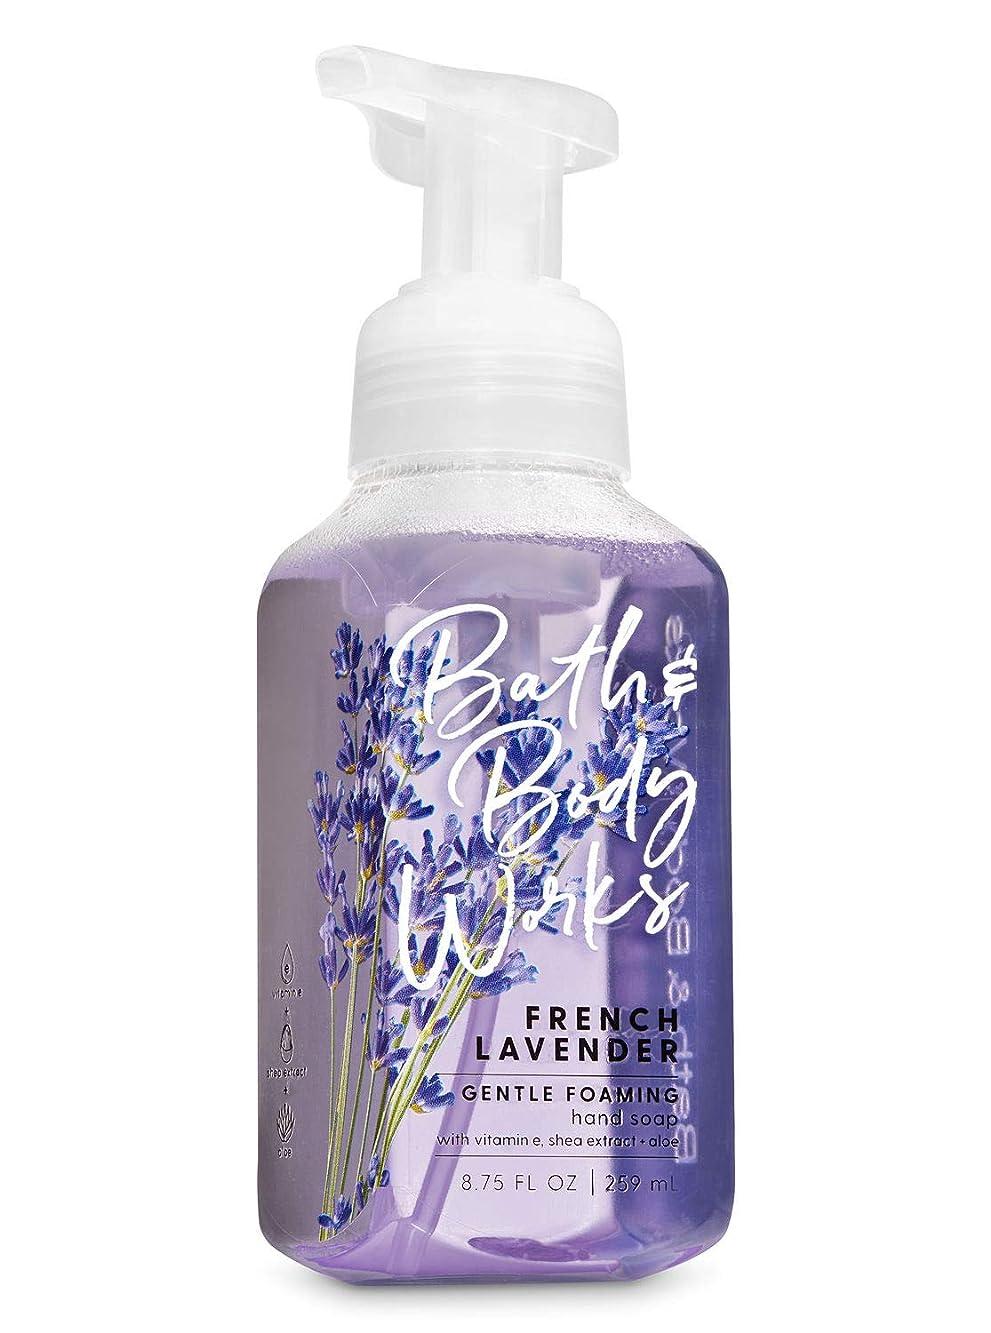 統治するお金陰気バス&ボディワークス フレンチラベンダー ジェントル フォーミング ハンドソープ French Lavender Gentle Foaming Hand Soap